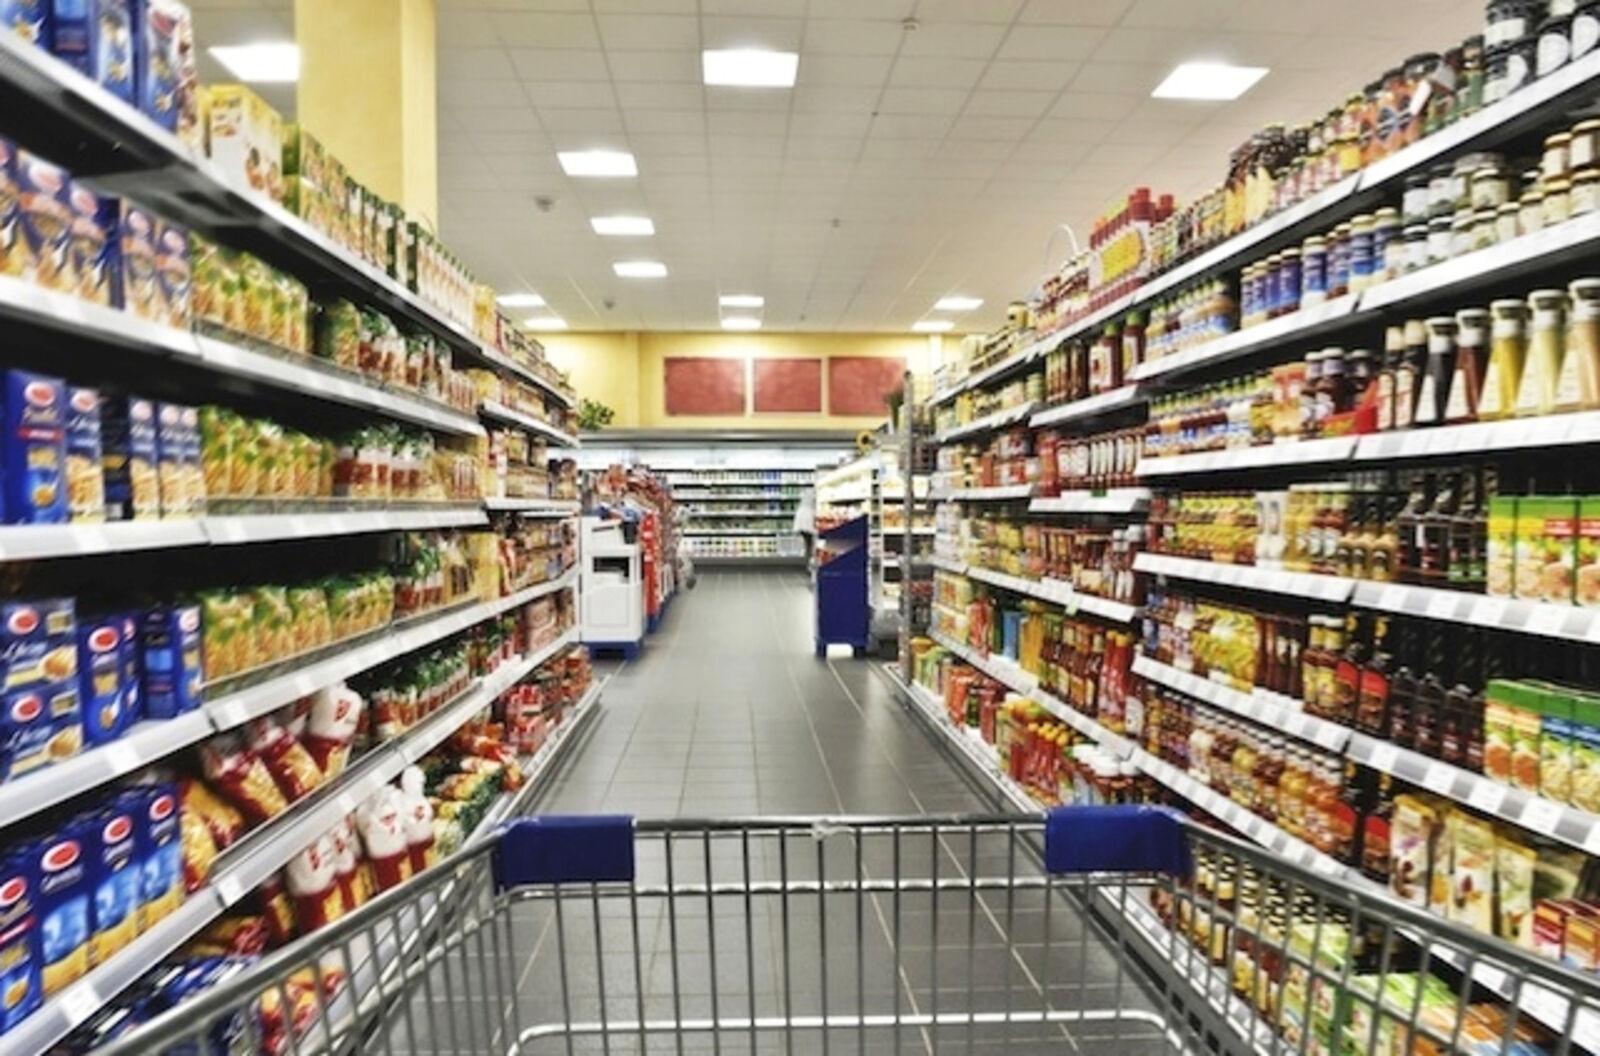 Supermercato franzoni fe impianti illuminazione led relamping